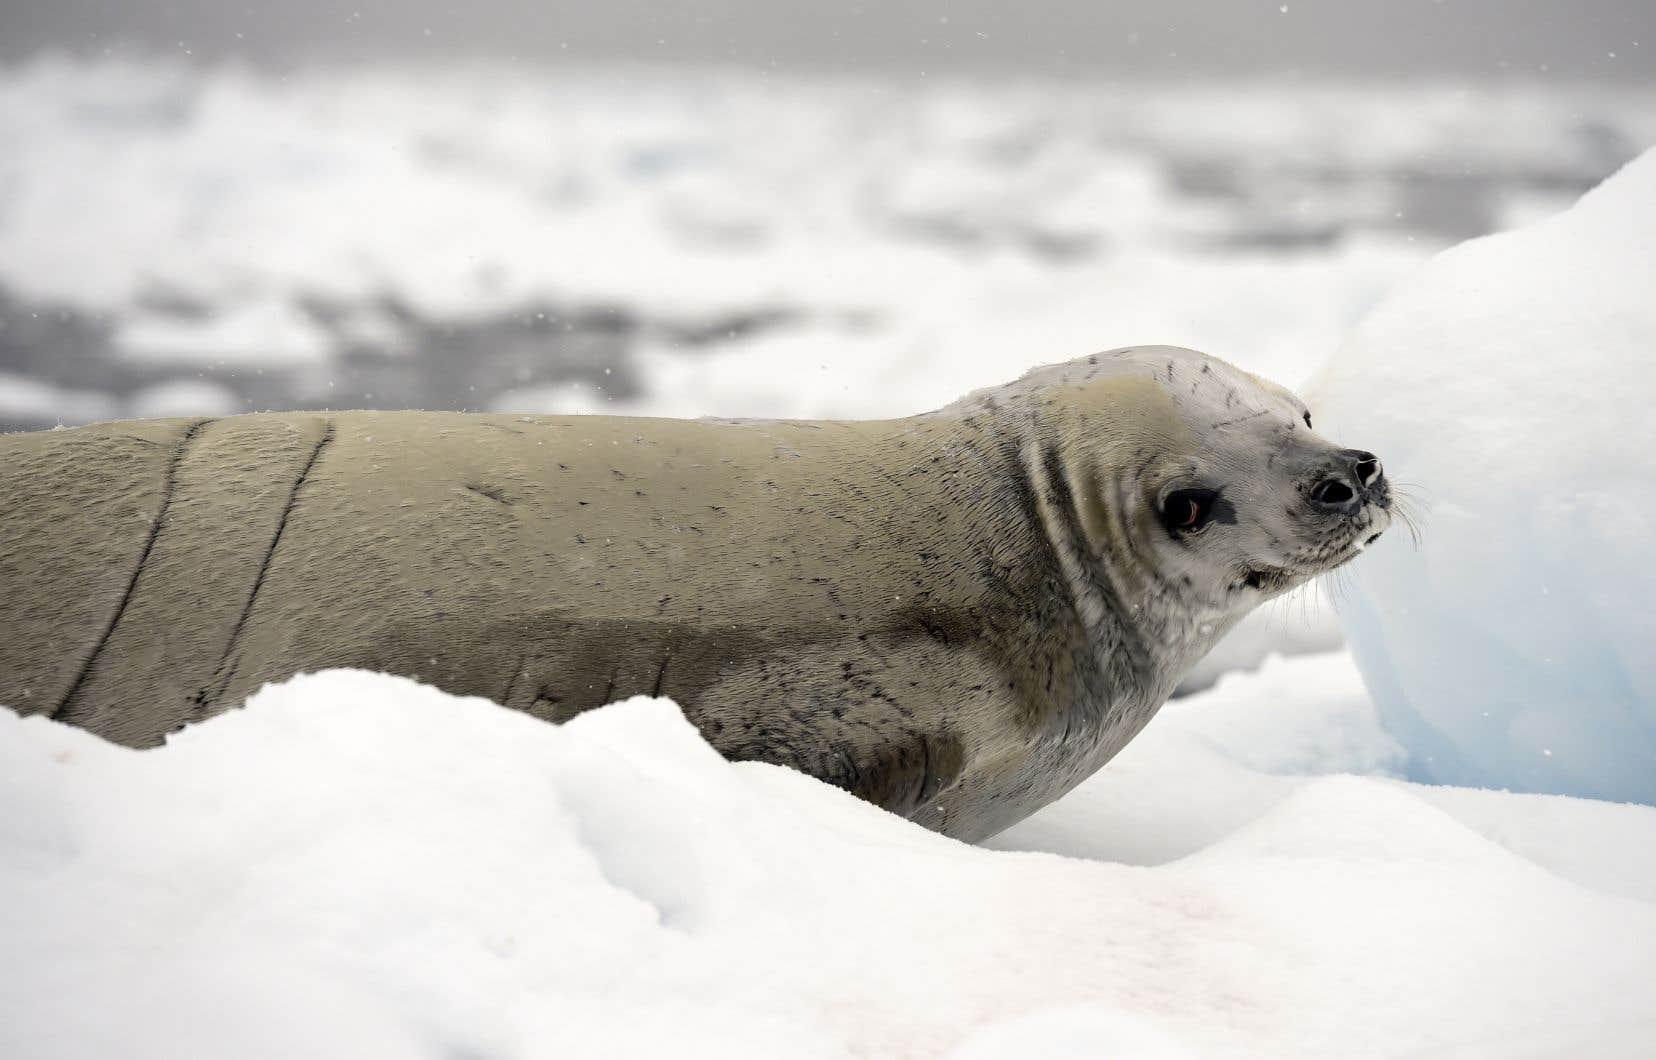 Les eaux de l'océan Austral autour de l'Antarctique abritent des écosystèmes exceptionnels, avec des milliers d'espèces animales, en bonne partie préservées des activités humaines.